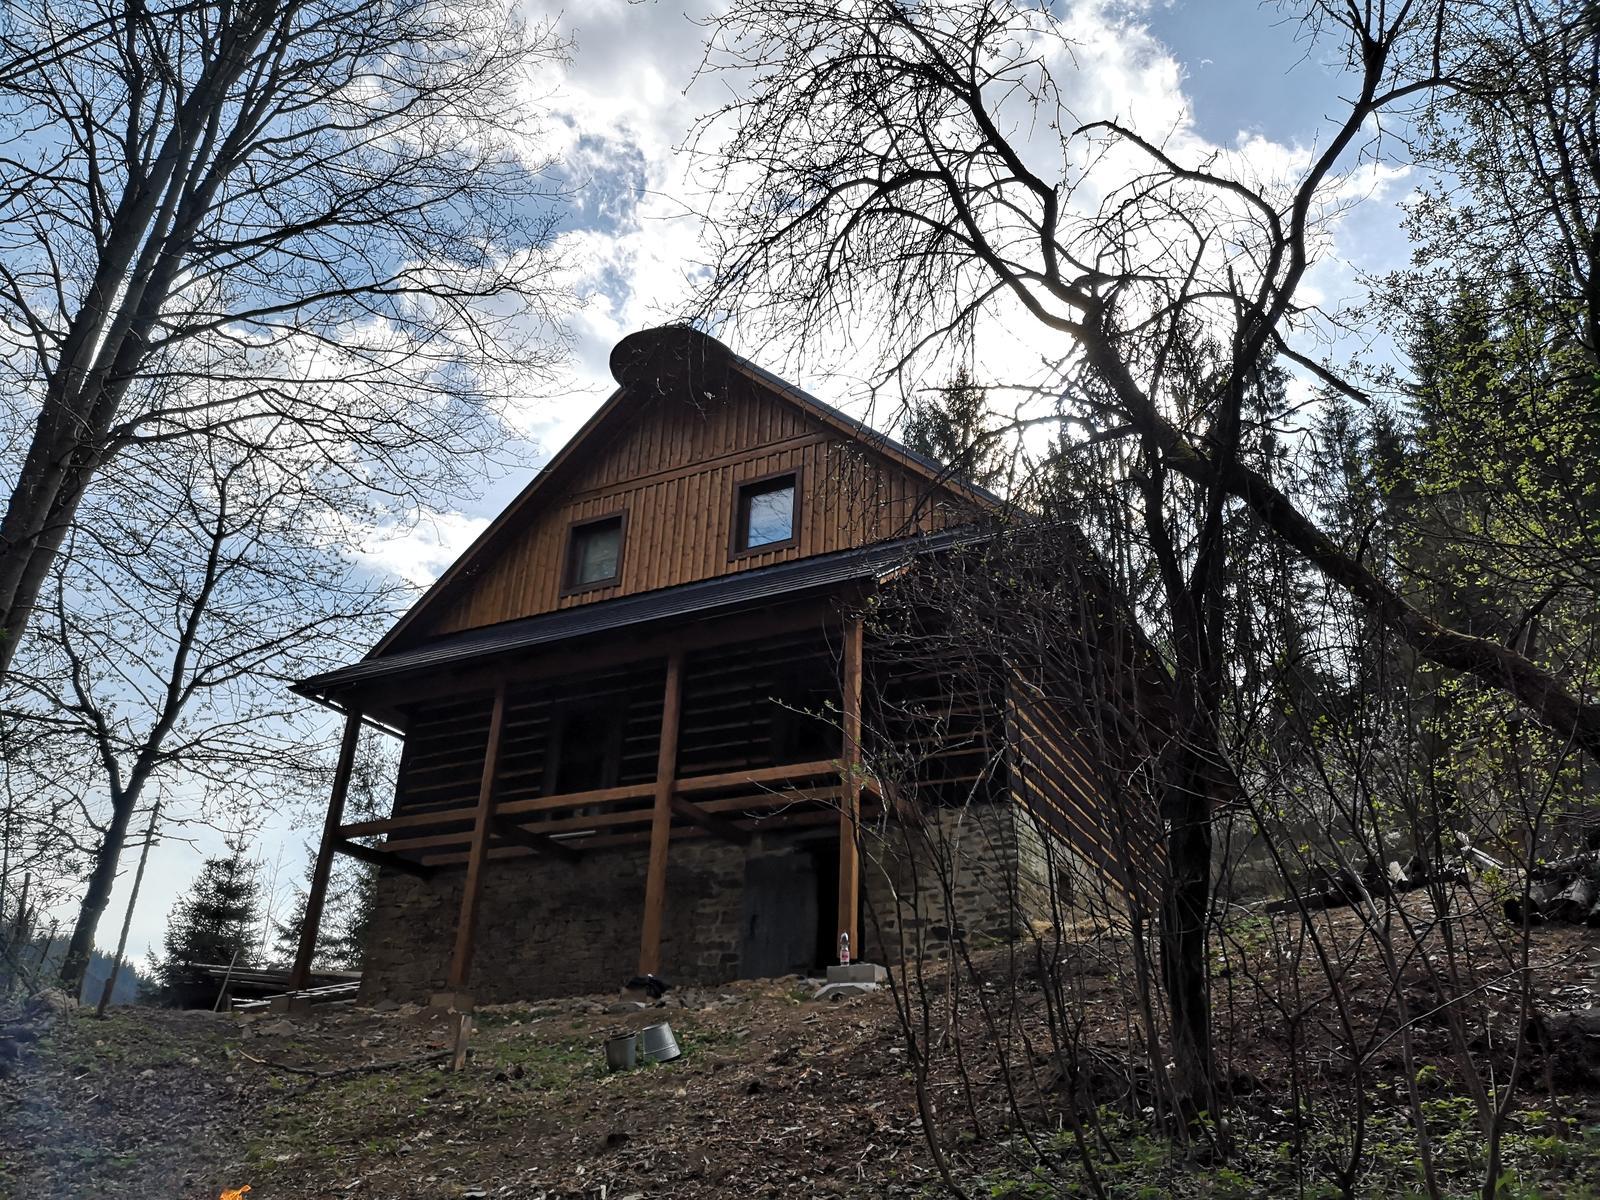 Na samote u lesa - Obrázok č. 85